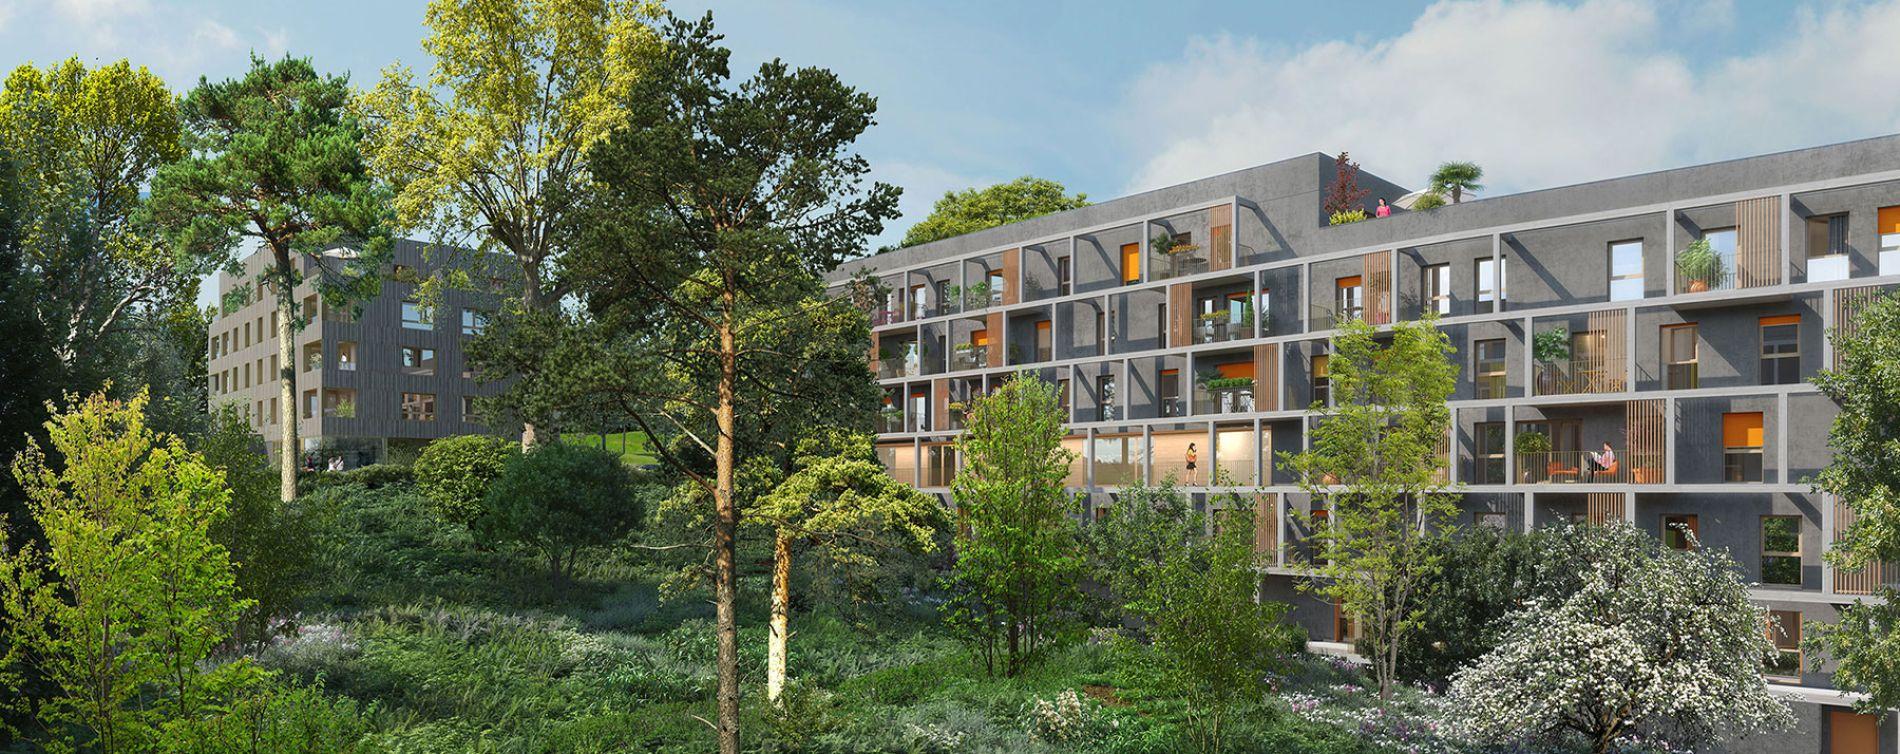 Torcy : programme immobilier neuve « Nature & Coteaux » (3)